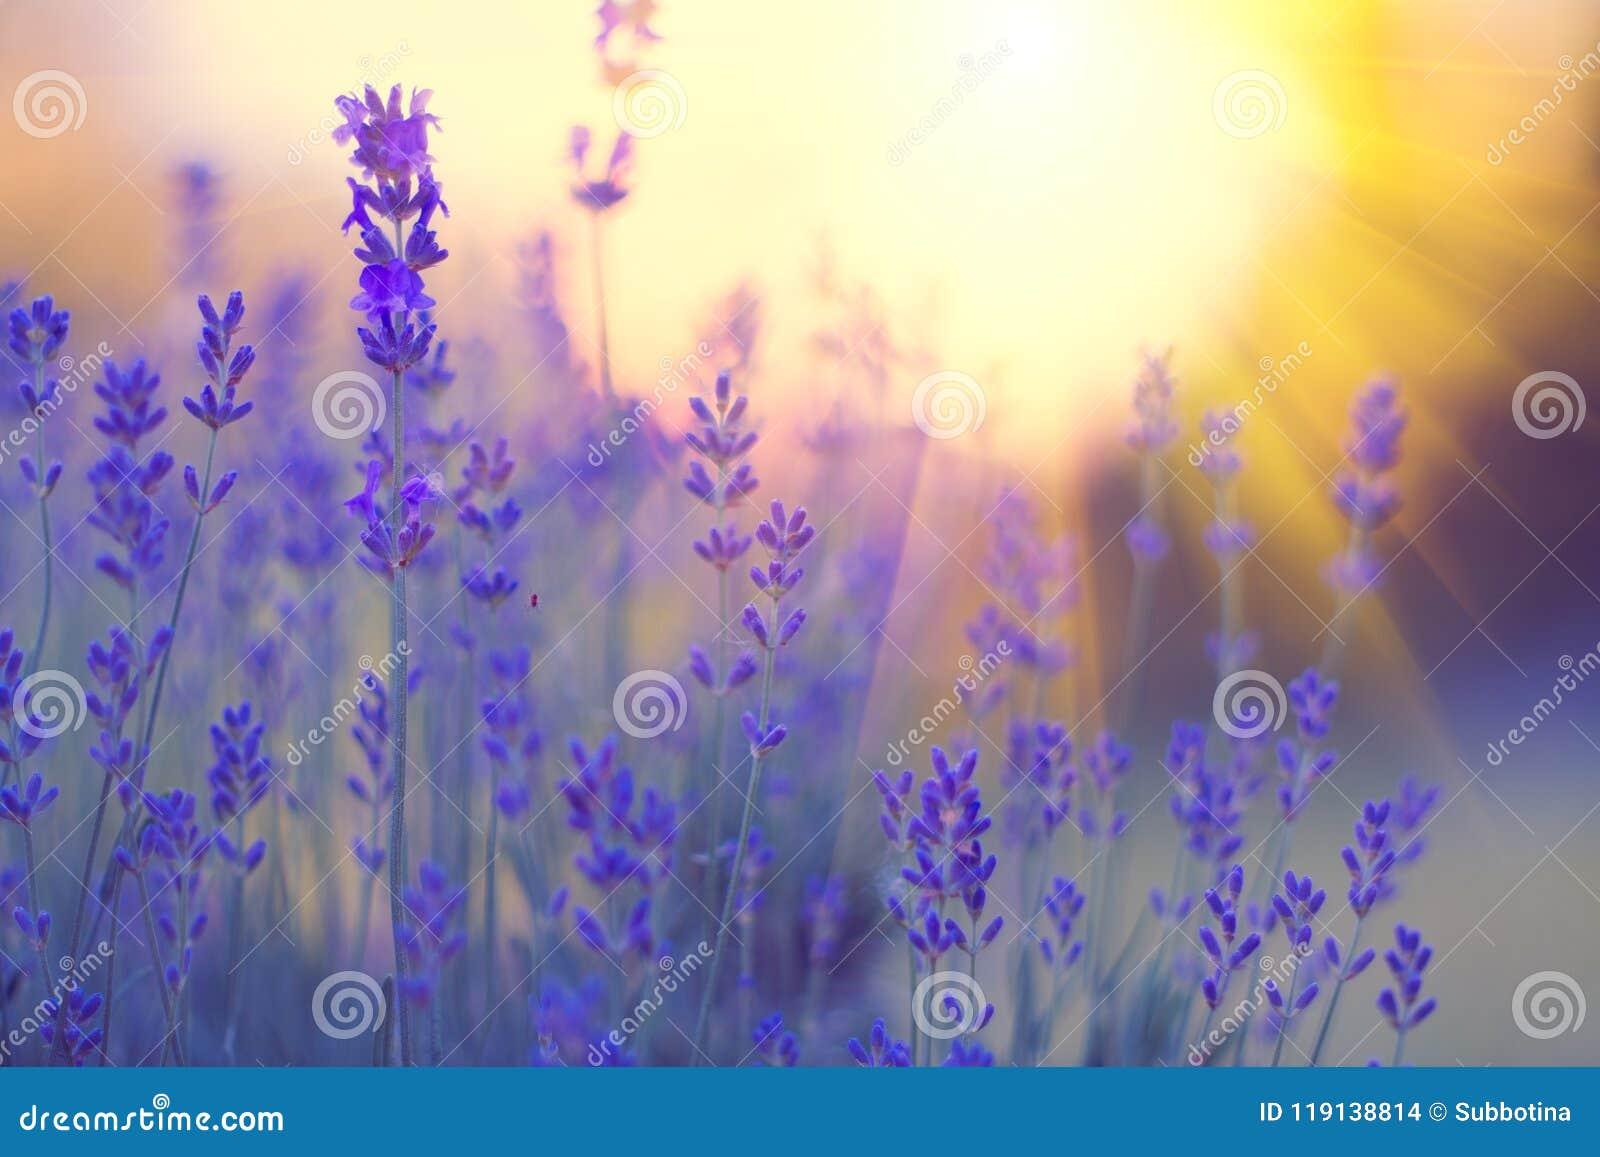 Lavendelgebied, Bloeiende violette geurige lavendelbloemen Het kweken van lavendel die op wind over zonsonderganghemel slingeren